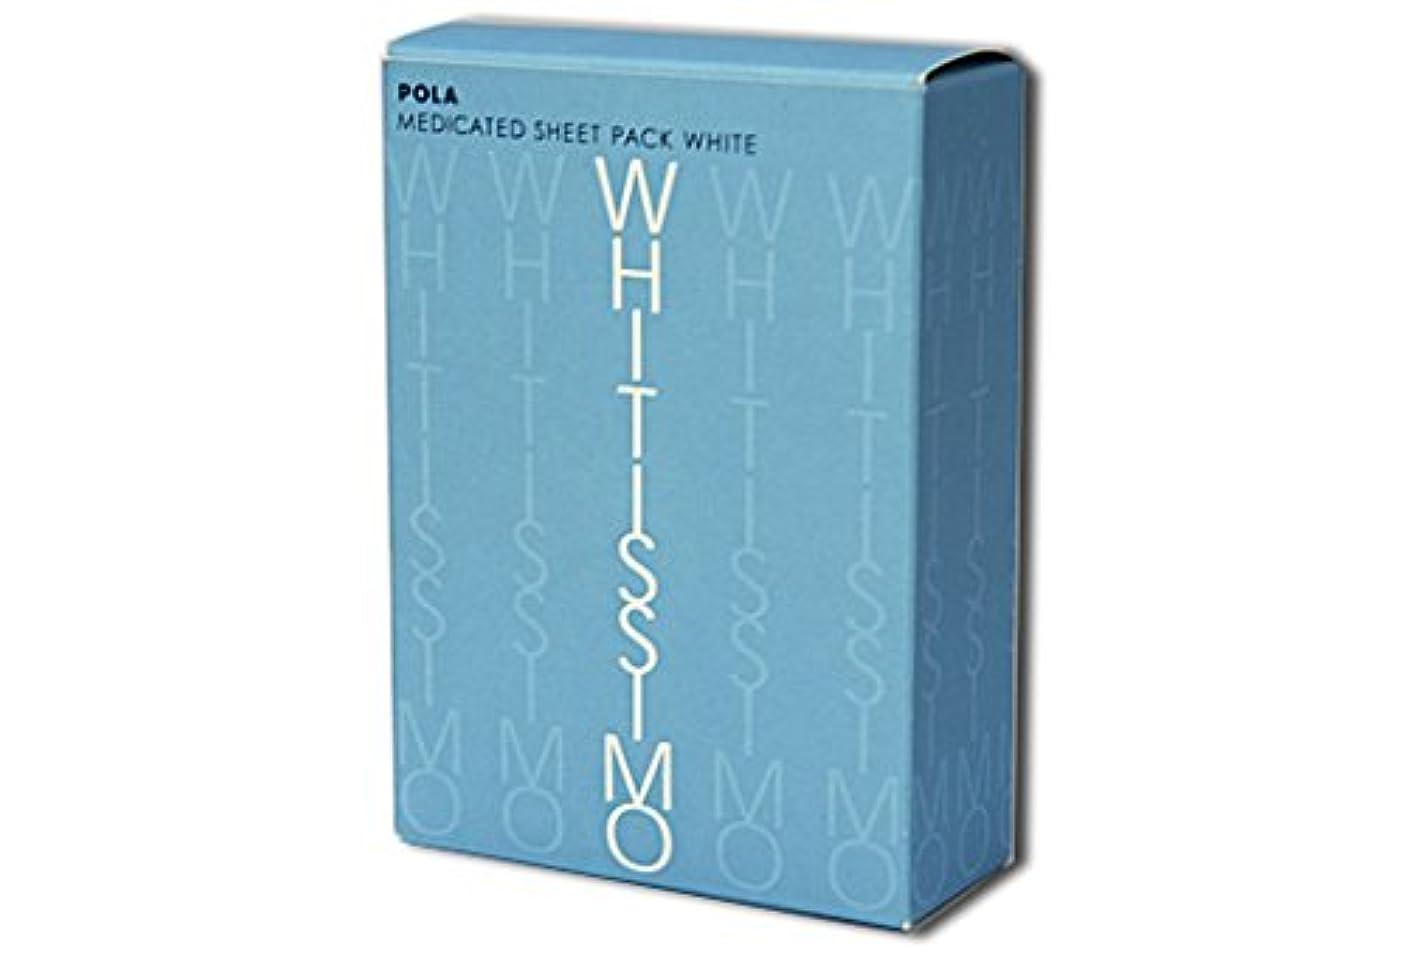 ブラインド彫刻家相対性理論POLA / ポーラ ホワイティシモ 薬用シート パック ホワイト 30セット